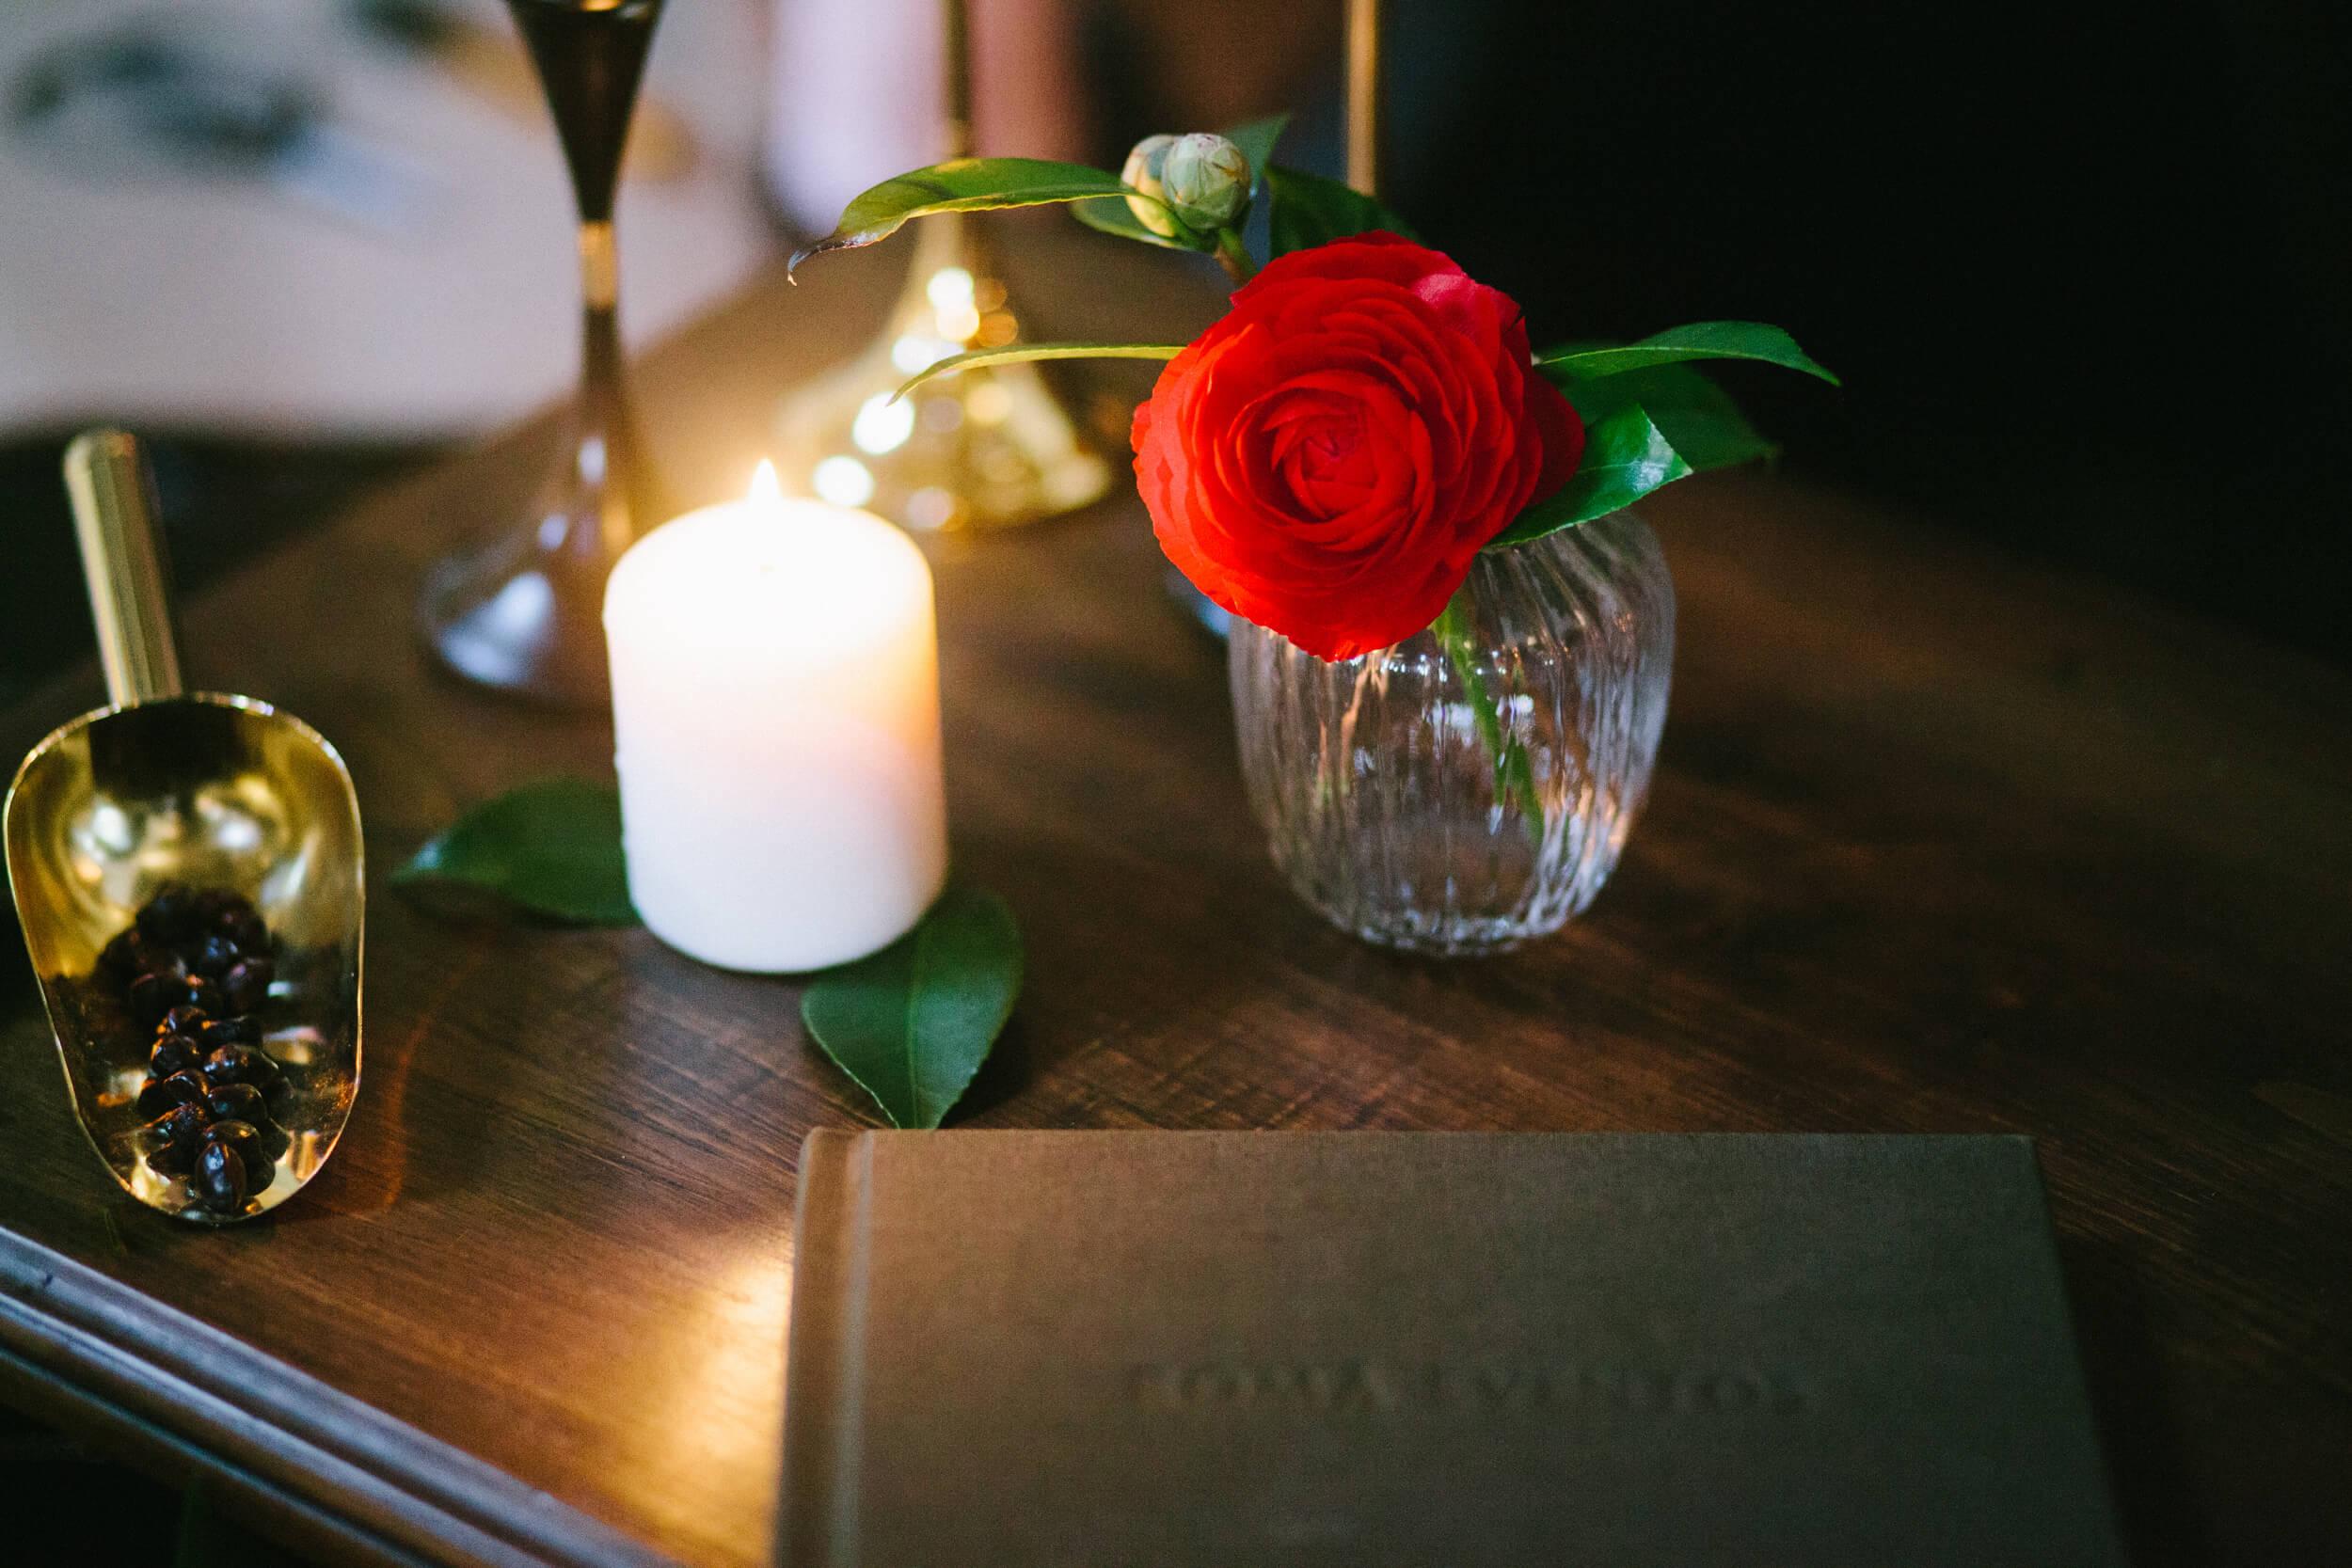 roma-organizacao-eventos-evento-queres-casar-comigo-14